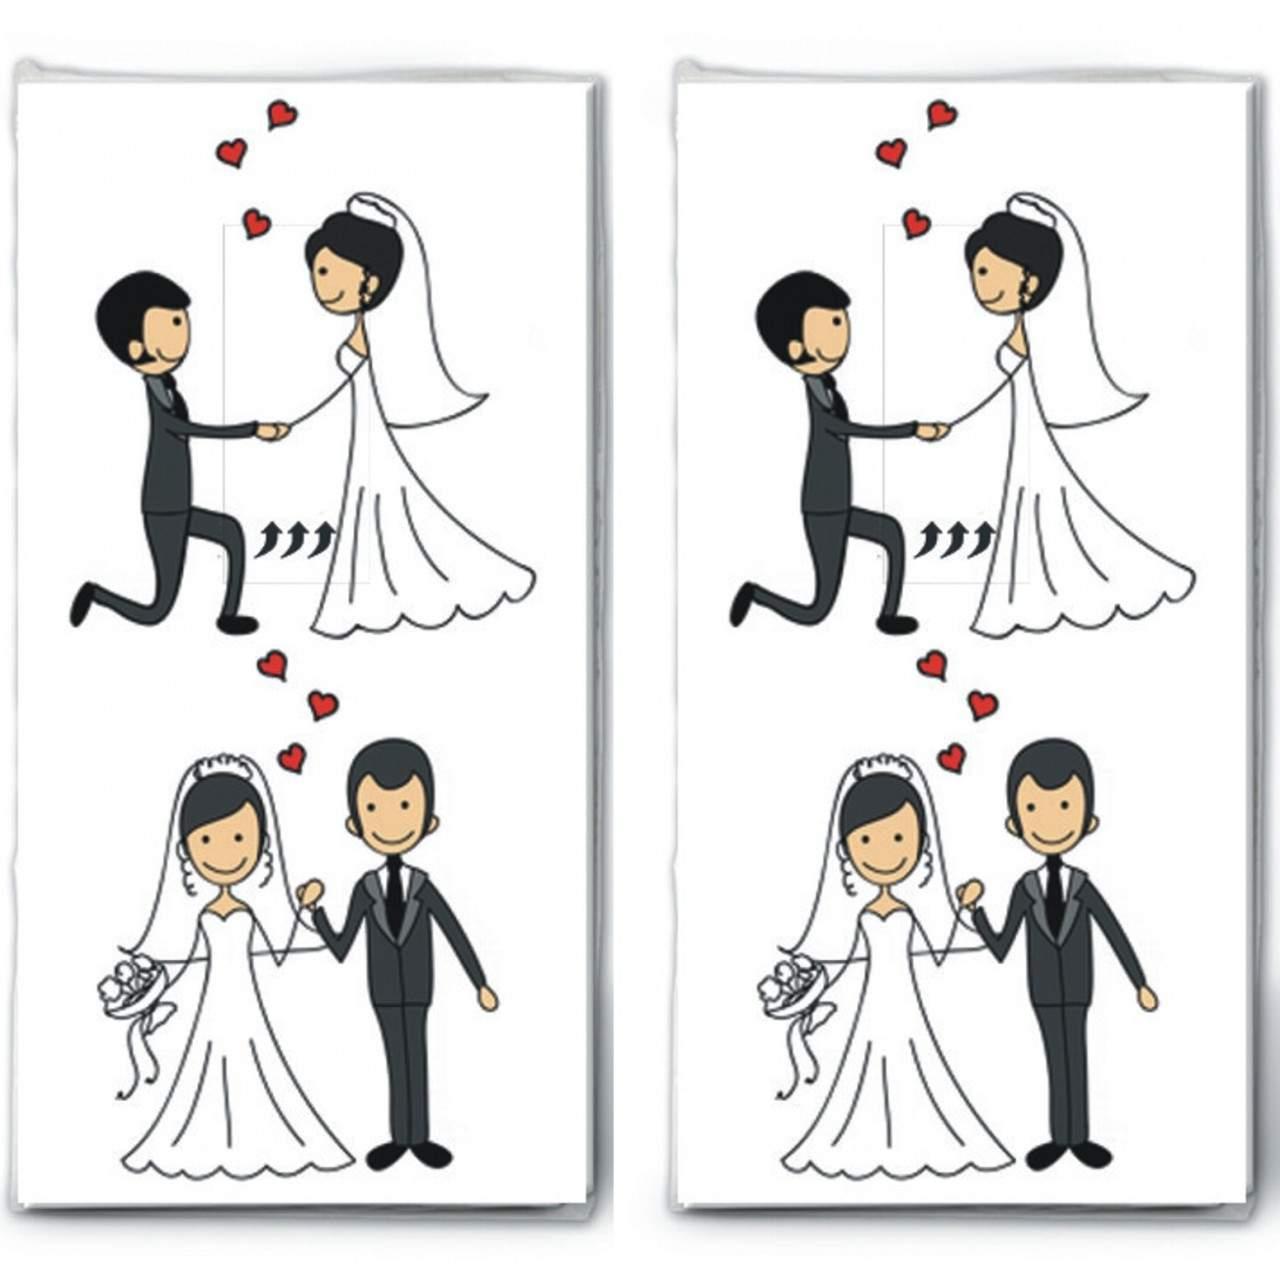 2x 10 taschentucher married couple verliebtes hochzeitspaar 1280x1280